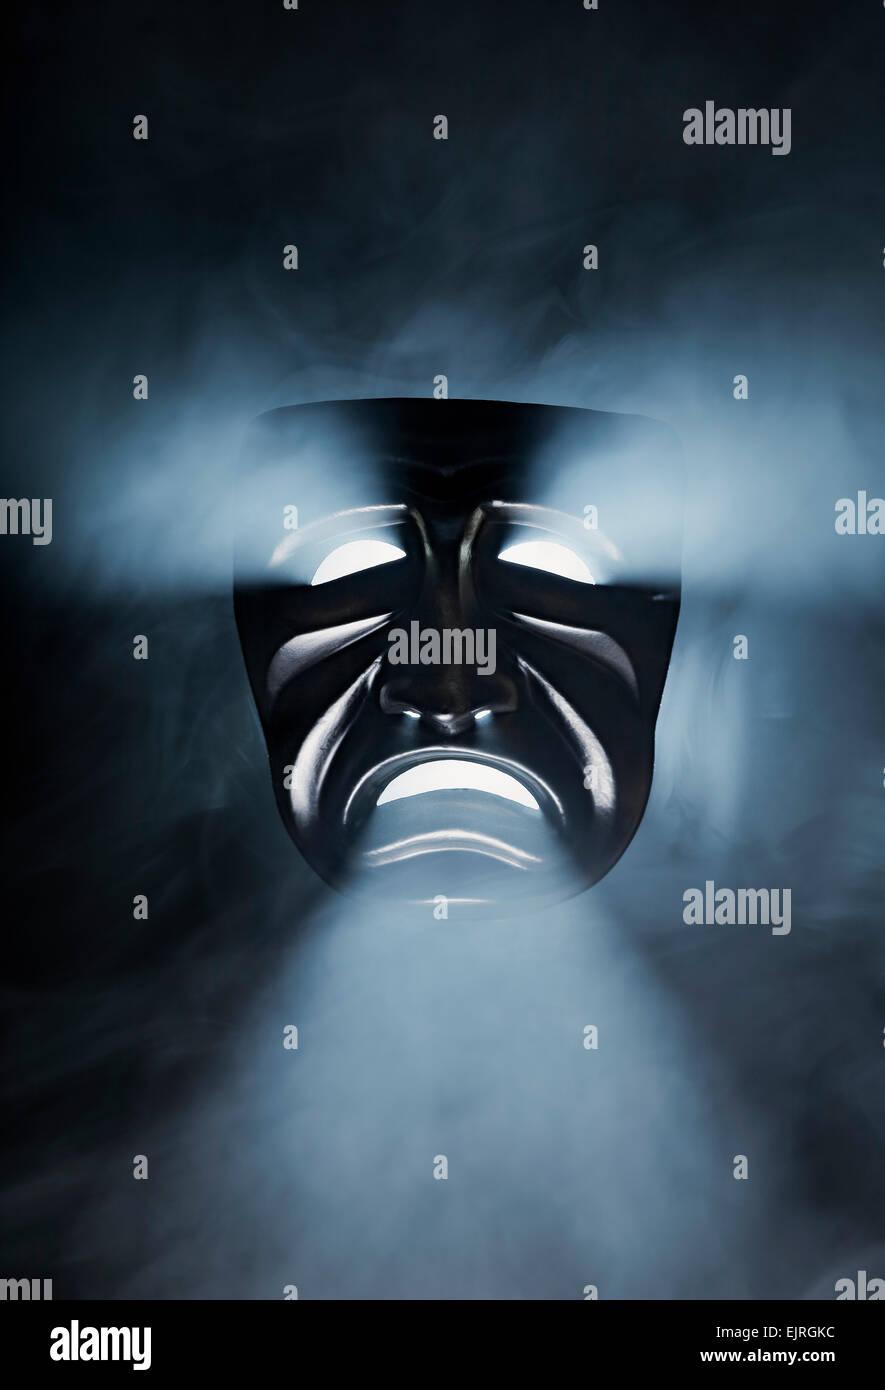 Eine schwarze traurige Maske in rauchigen Gegenlicht. Stockbild